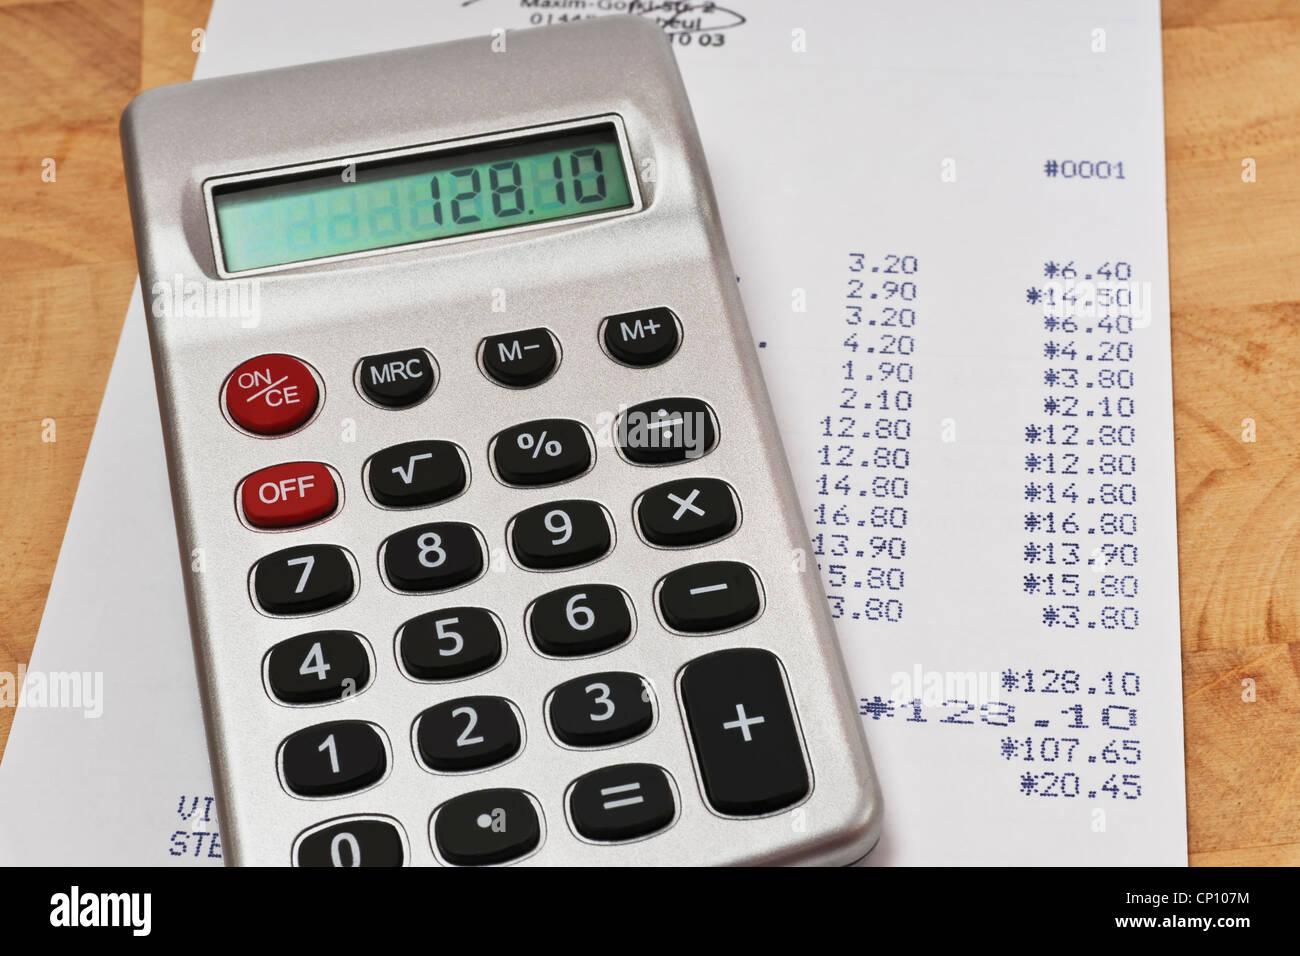 Ein Taschenrechner liegt auf Rechnung von | Une calculatrice de poche se trouve sur une facture. Banque D'Images